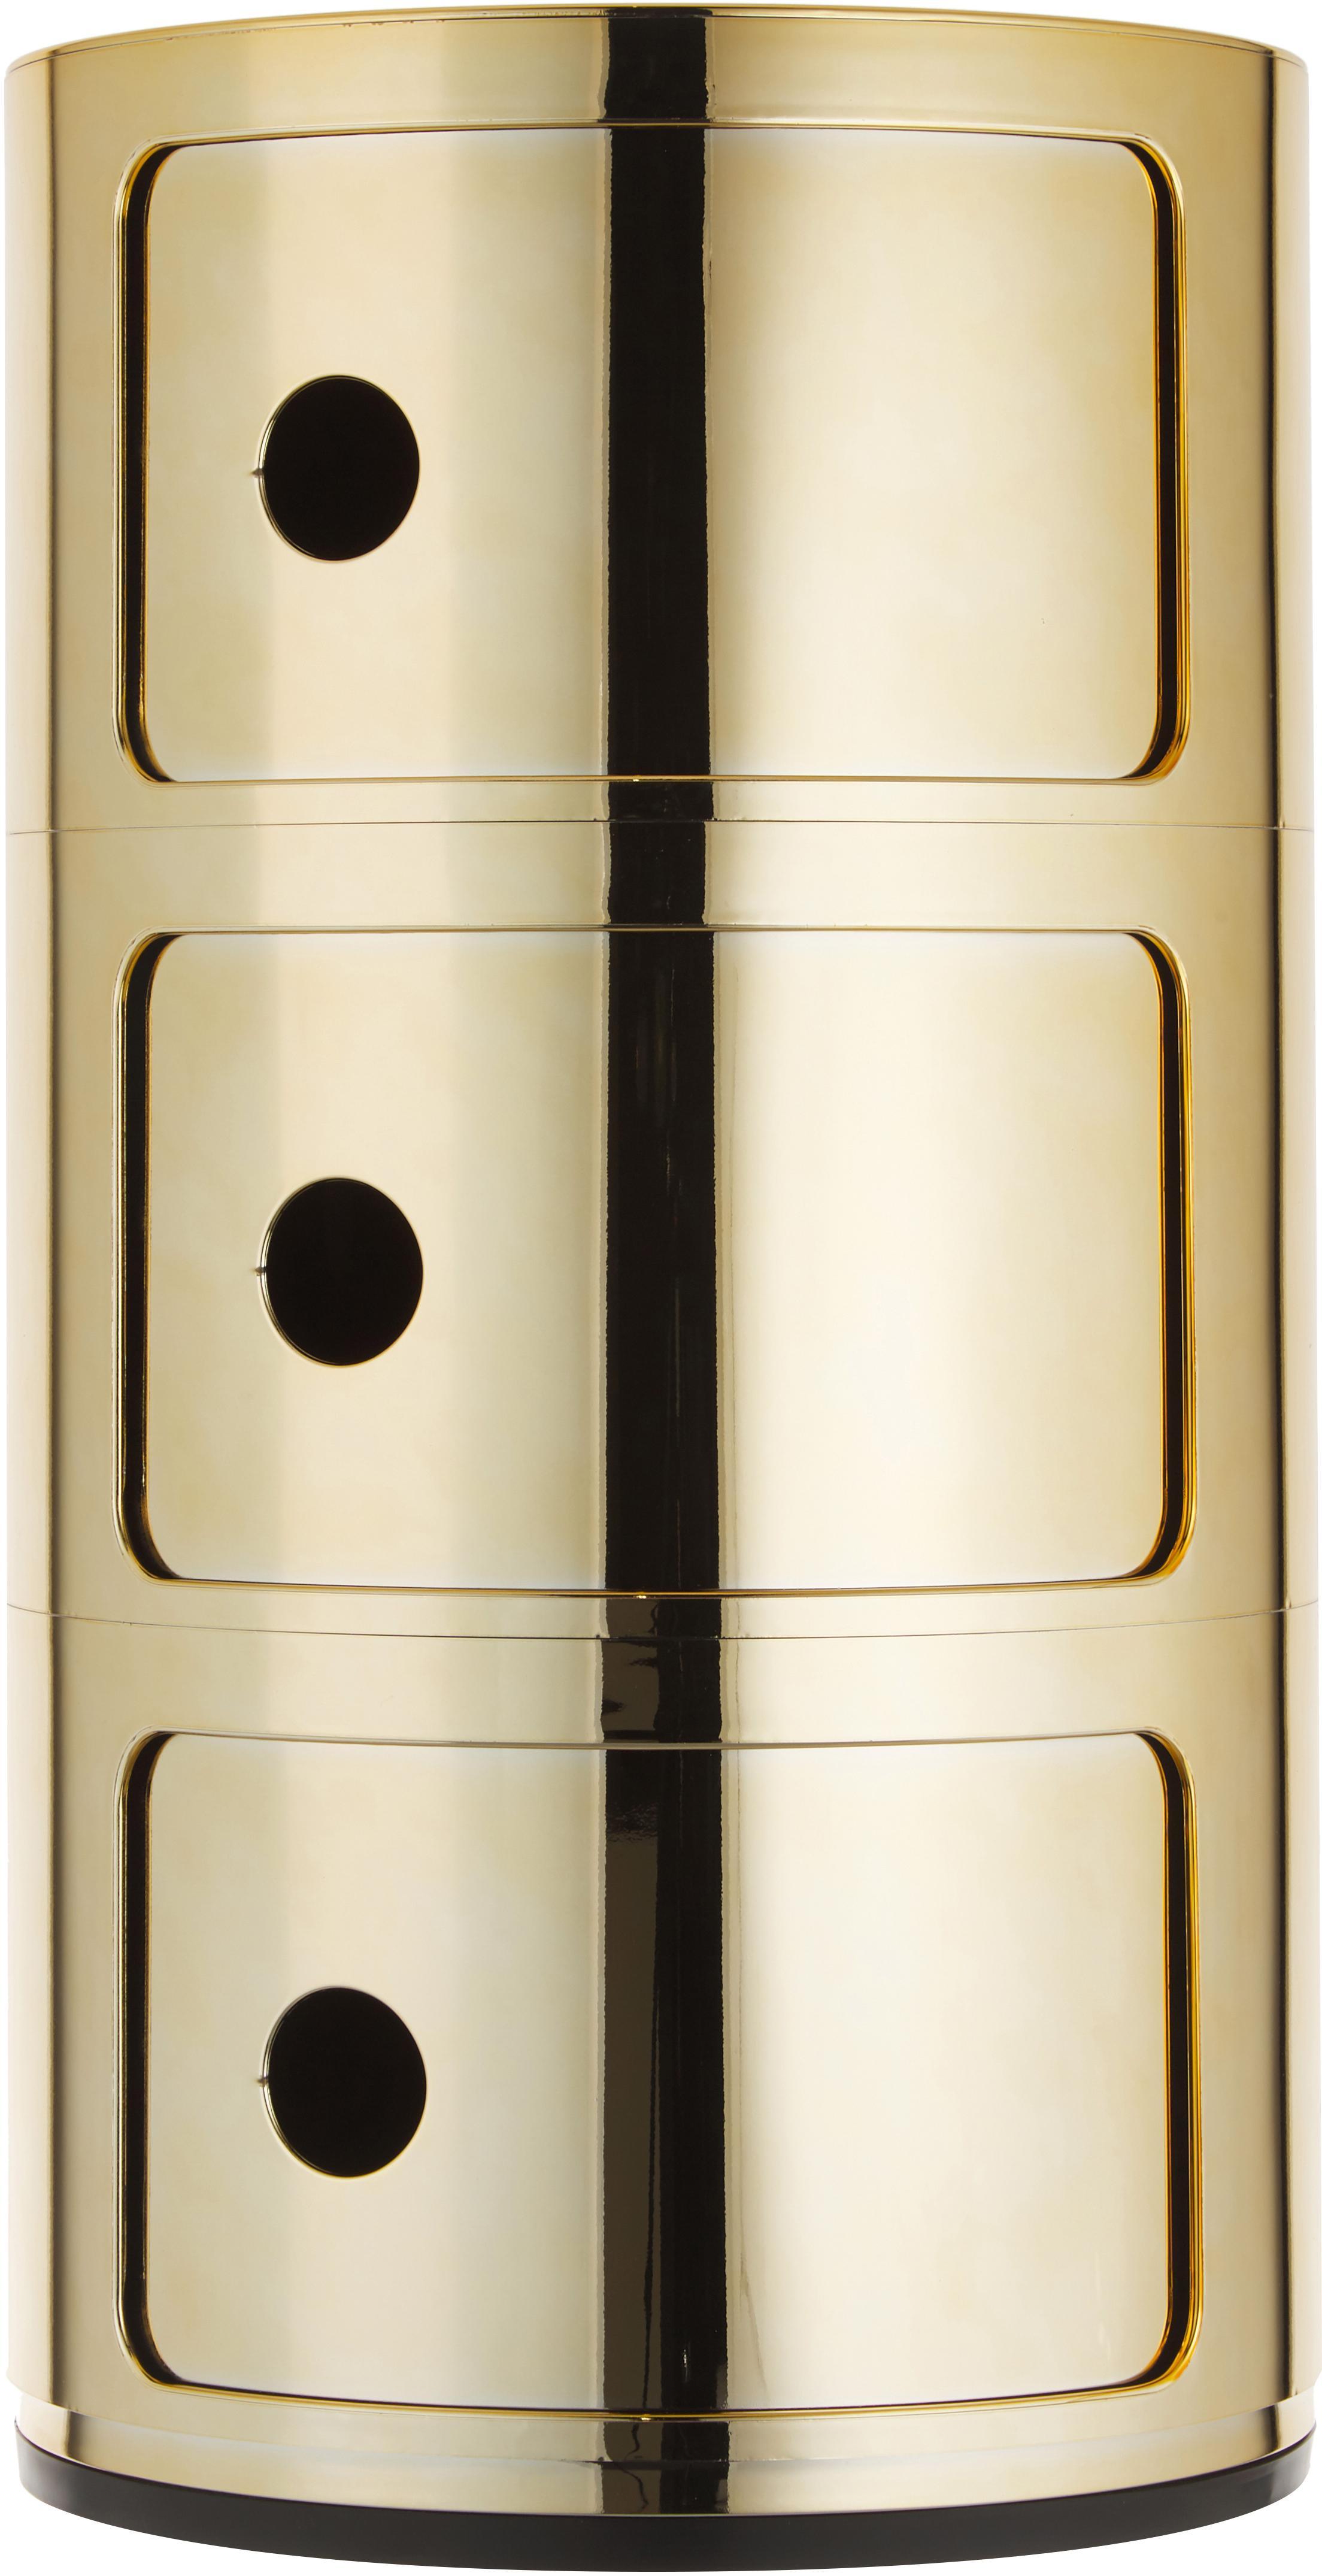 Design Container Componibili 3 Fächer, Kunststoff, metallicbeschichtet, Goldfarben, Ø 32 x H 59 cm